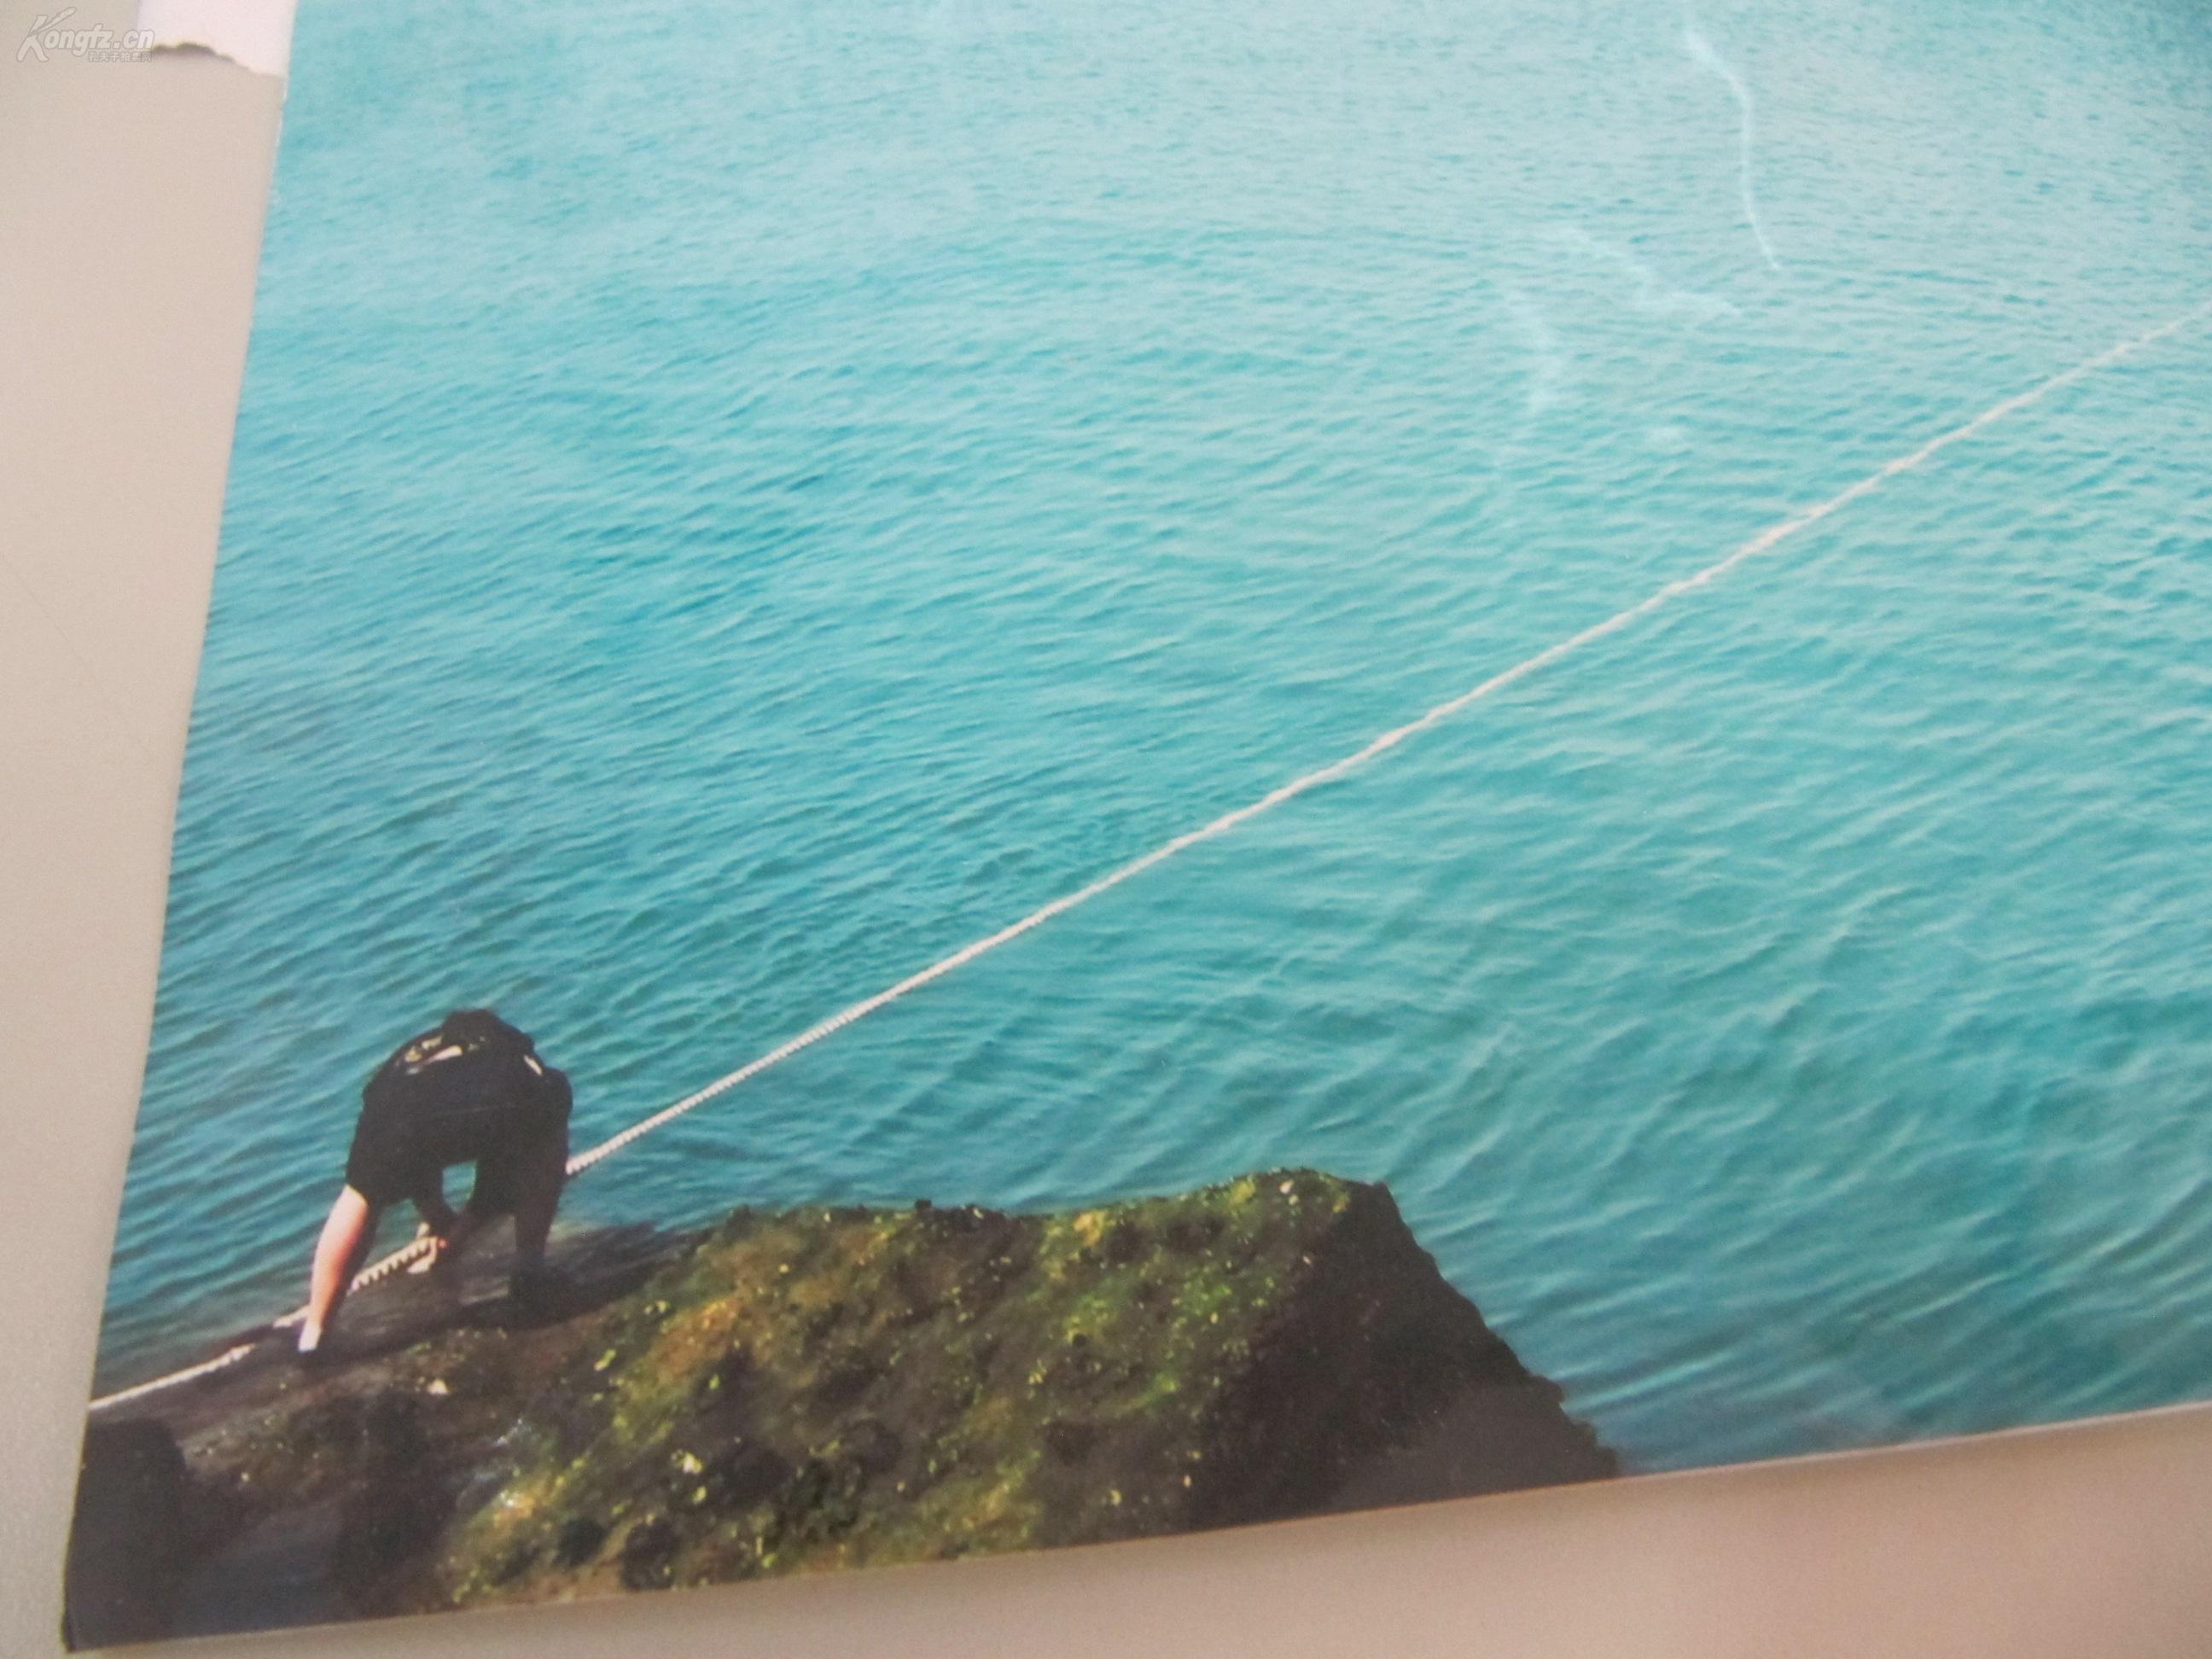 军旅摄影照片一张 尺寸25 20厘米